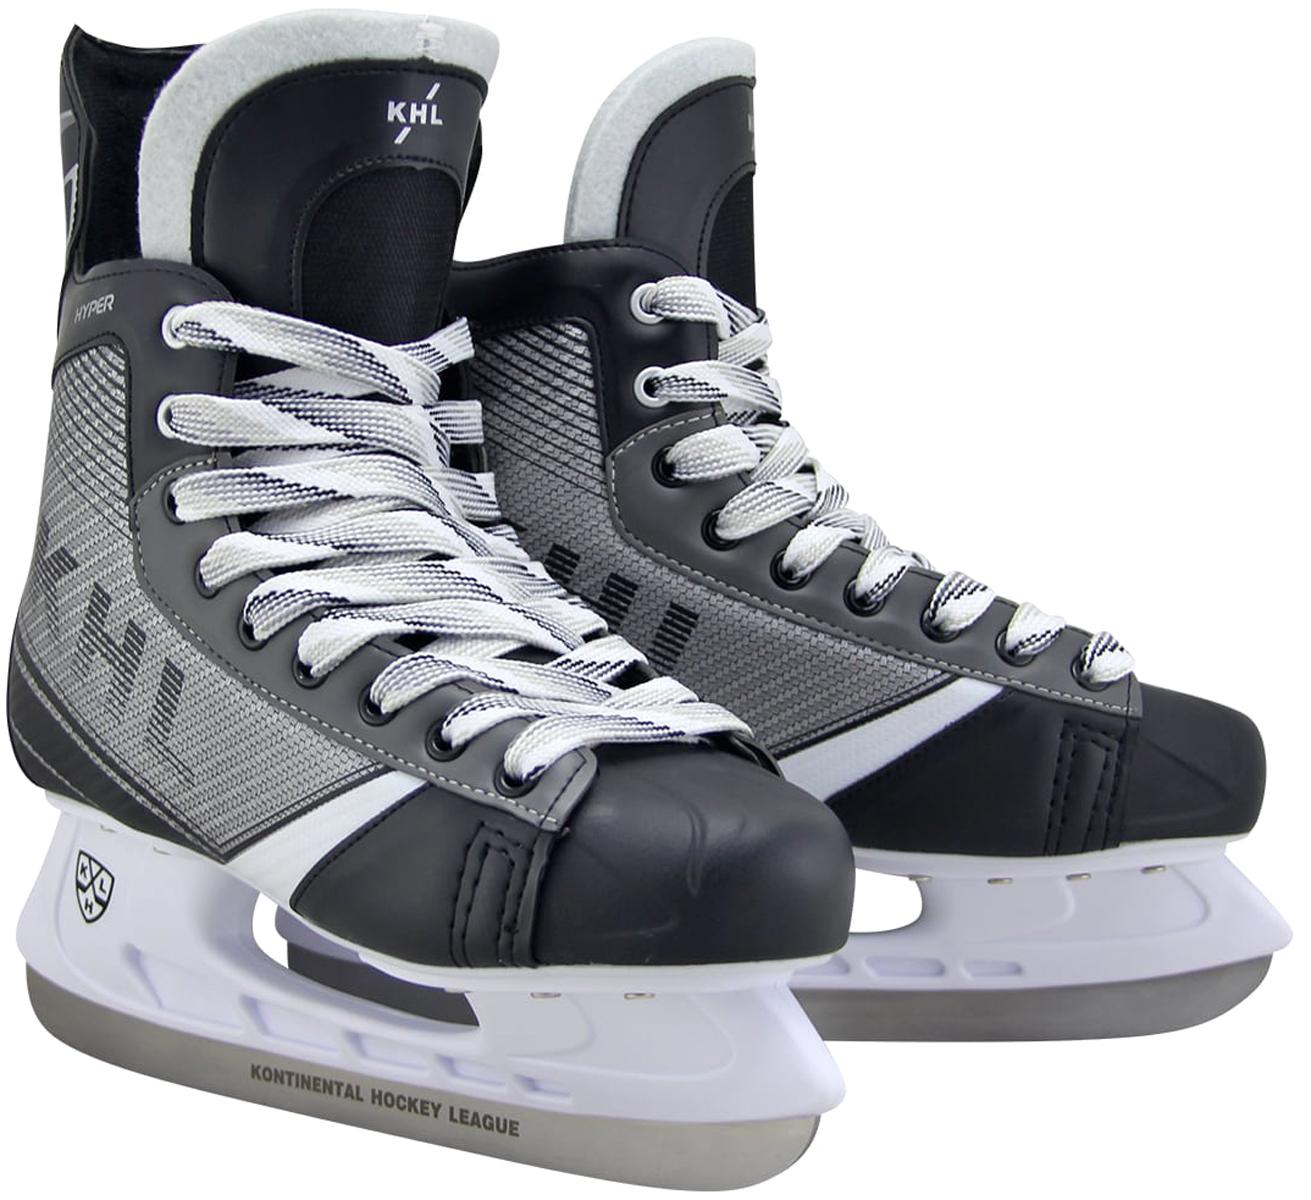 Коньки хоккейные мужские KHL Hyper, цвет: серый, черный, белый. Размер 45УТ-00010445Хоккейные коньки KHL Hyper являются официальной лицензионной продукцией Континентальной Хоккейной Лиги (КХЛ). Это прекрасная любительская модель коньков с уникальным стильным дизайном, выполненным в новой стилистической концепции КХЛ. В таких коньках Вы будете выделяться на любом катке. Коньки КХЛ Hyper - это прекрасный подарок для любого любителя хоккея! Усиленная жесткость ботинка, износостойкие материалы устоучивые к порезам, дополнительные вставки из EVA и MEMORY foam.Коньки поставляются в стильной коробке и с заводской заточкой лезвия, что позволяет сразу приступить к катанию, не тратя времени и денег на заточку. Коньки подходят для использования на открытом и закрытом льду.Усиленная жесткость ботинка, износостойкие материалы устоучивые к порезам, дополнительные вставки из EVA и MEMORY foam.Основные характеристики: Назначение: хоккейные конькиТип фиксации: шнуркиРазмеры: 37, 38, 39, 40, 41, 42, 43, 44, 45, 46Цвет: черный, серый, белыйДополнительные характеристики:Материал ботинка: искусственная кожа, высокопрочная нейлоновая ткань, ударостойкий пластикВнутренняя отделка: текстильные материалыЛезвие: выполнено из высокоуглеродистой стали с покрытием из никеляУпаковка: красочная коробка Дополнительно: гарантия 1 год